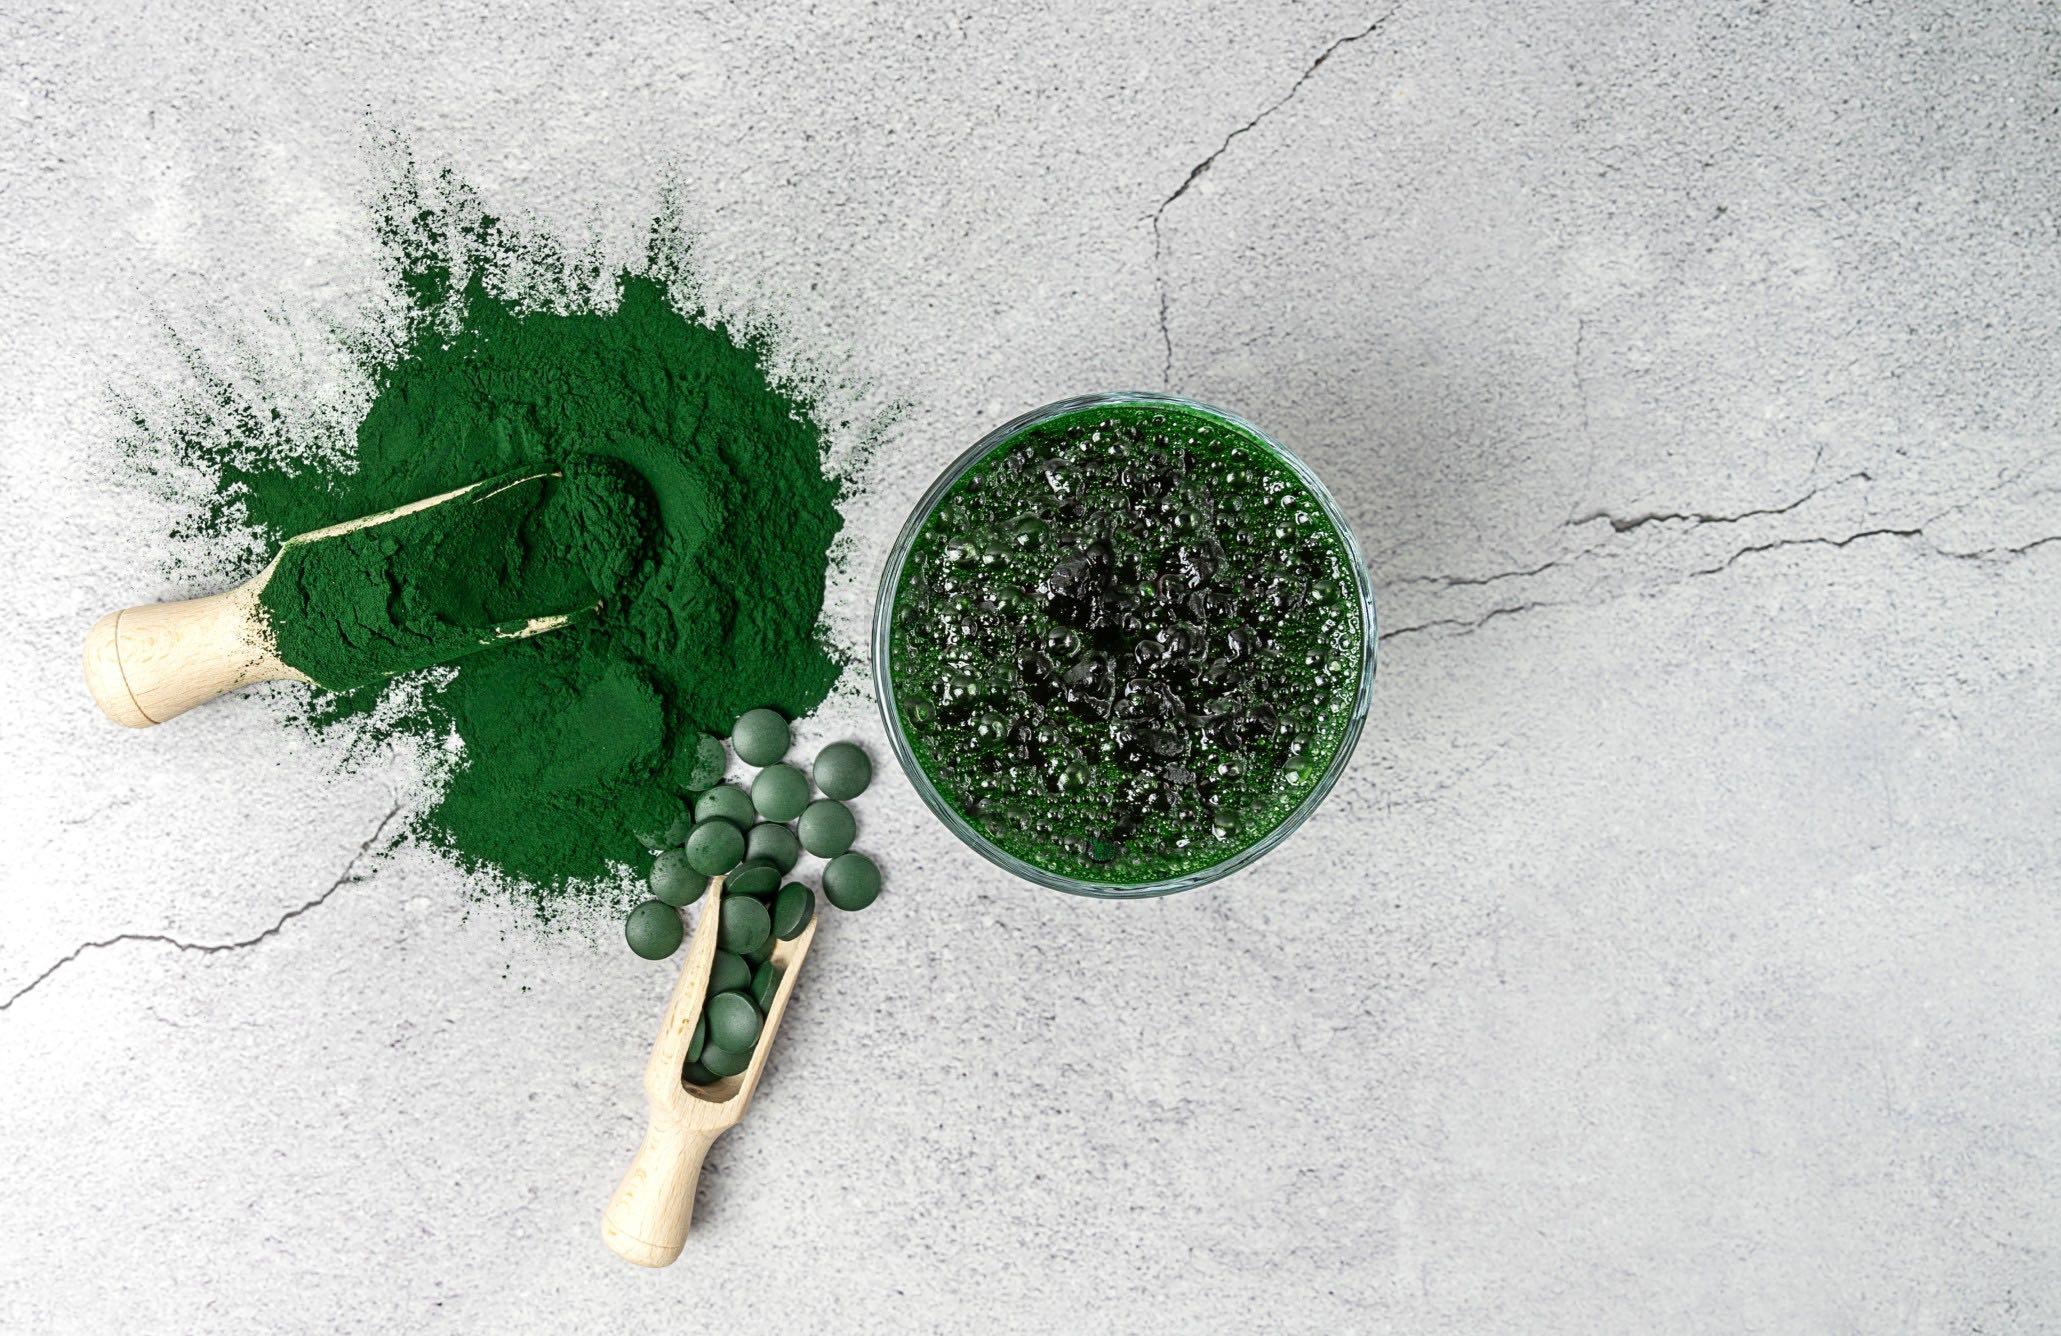 Blå-gröna alger - det lilla miraklet 4